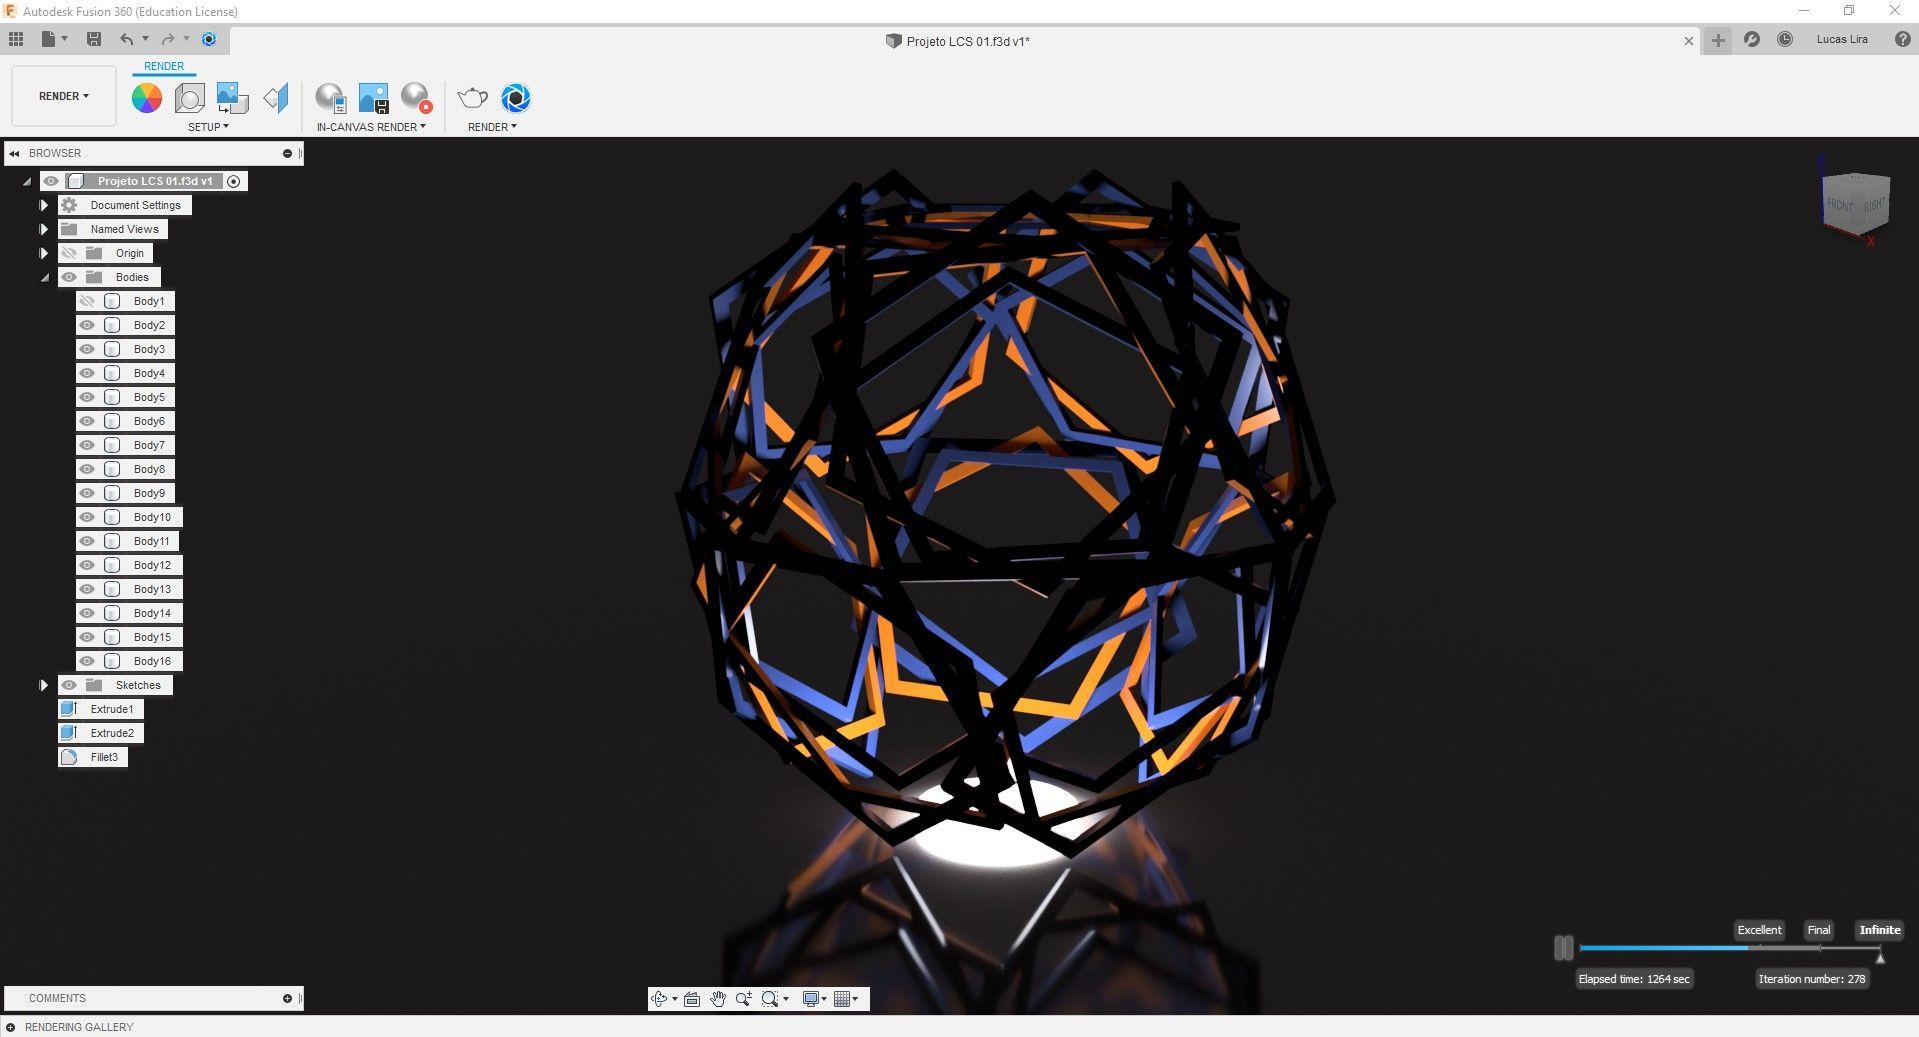 Lcs2019---lumini-ciencia-maker---fabrica-de-nerdes-3500-3500